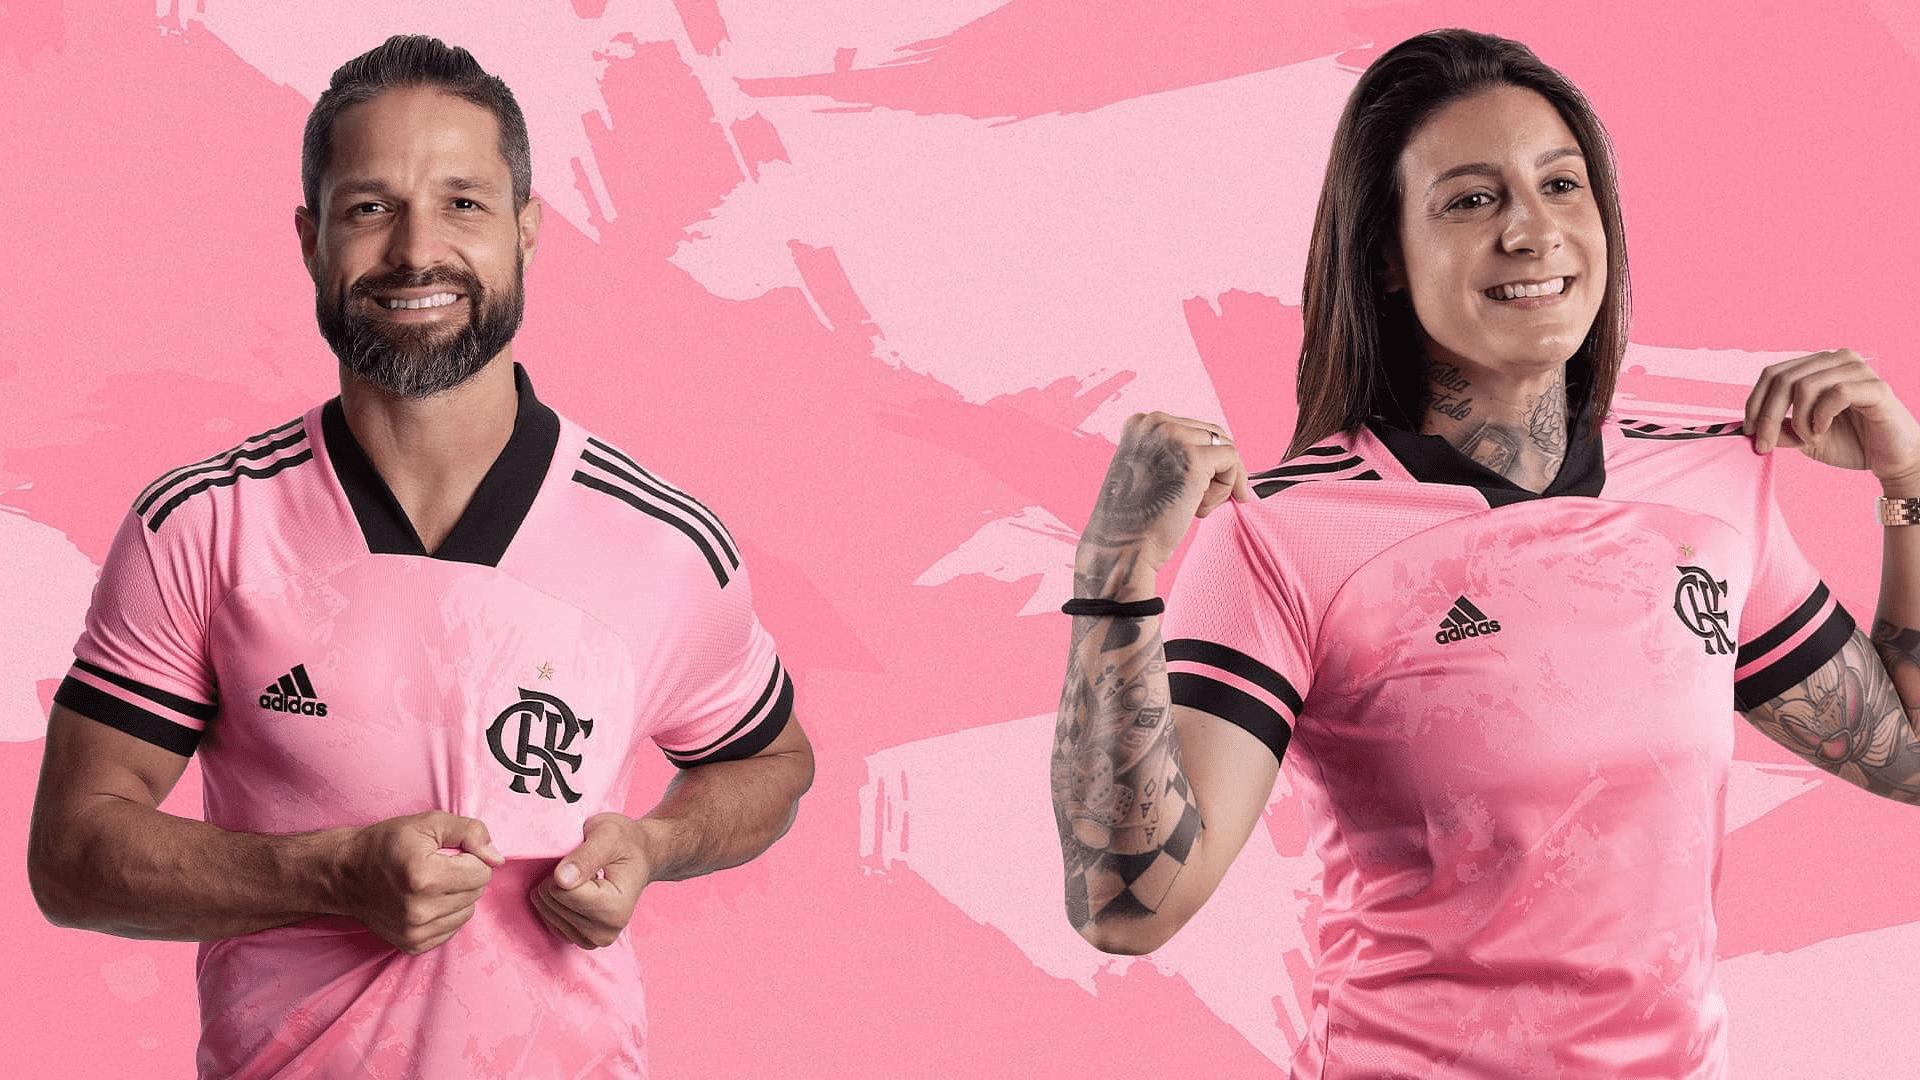 A camisa rosa do Flamengo terá parte do lucro revertido ao Instituto Brasileiro de Controle do Câncer (Imagem: Divulgação/Adidas)